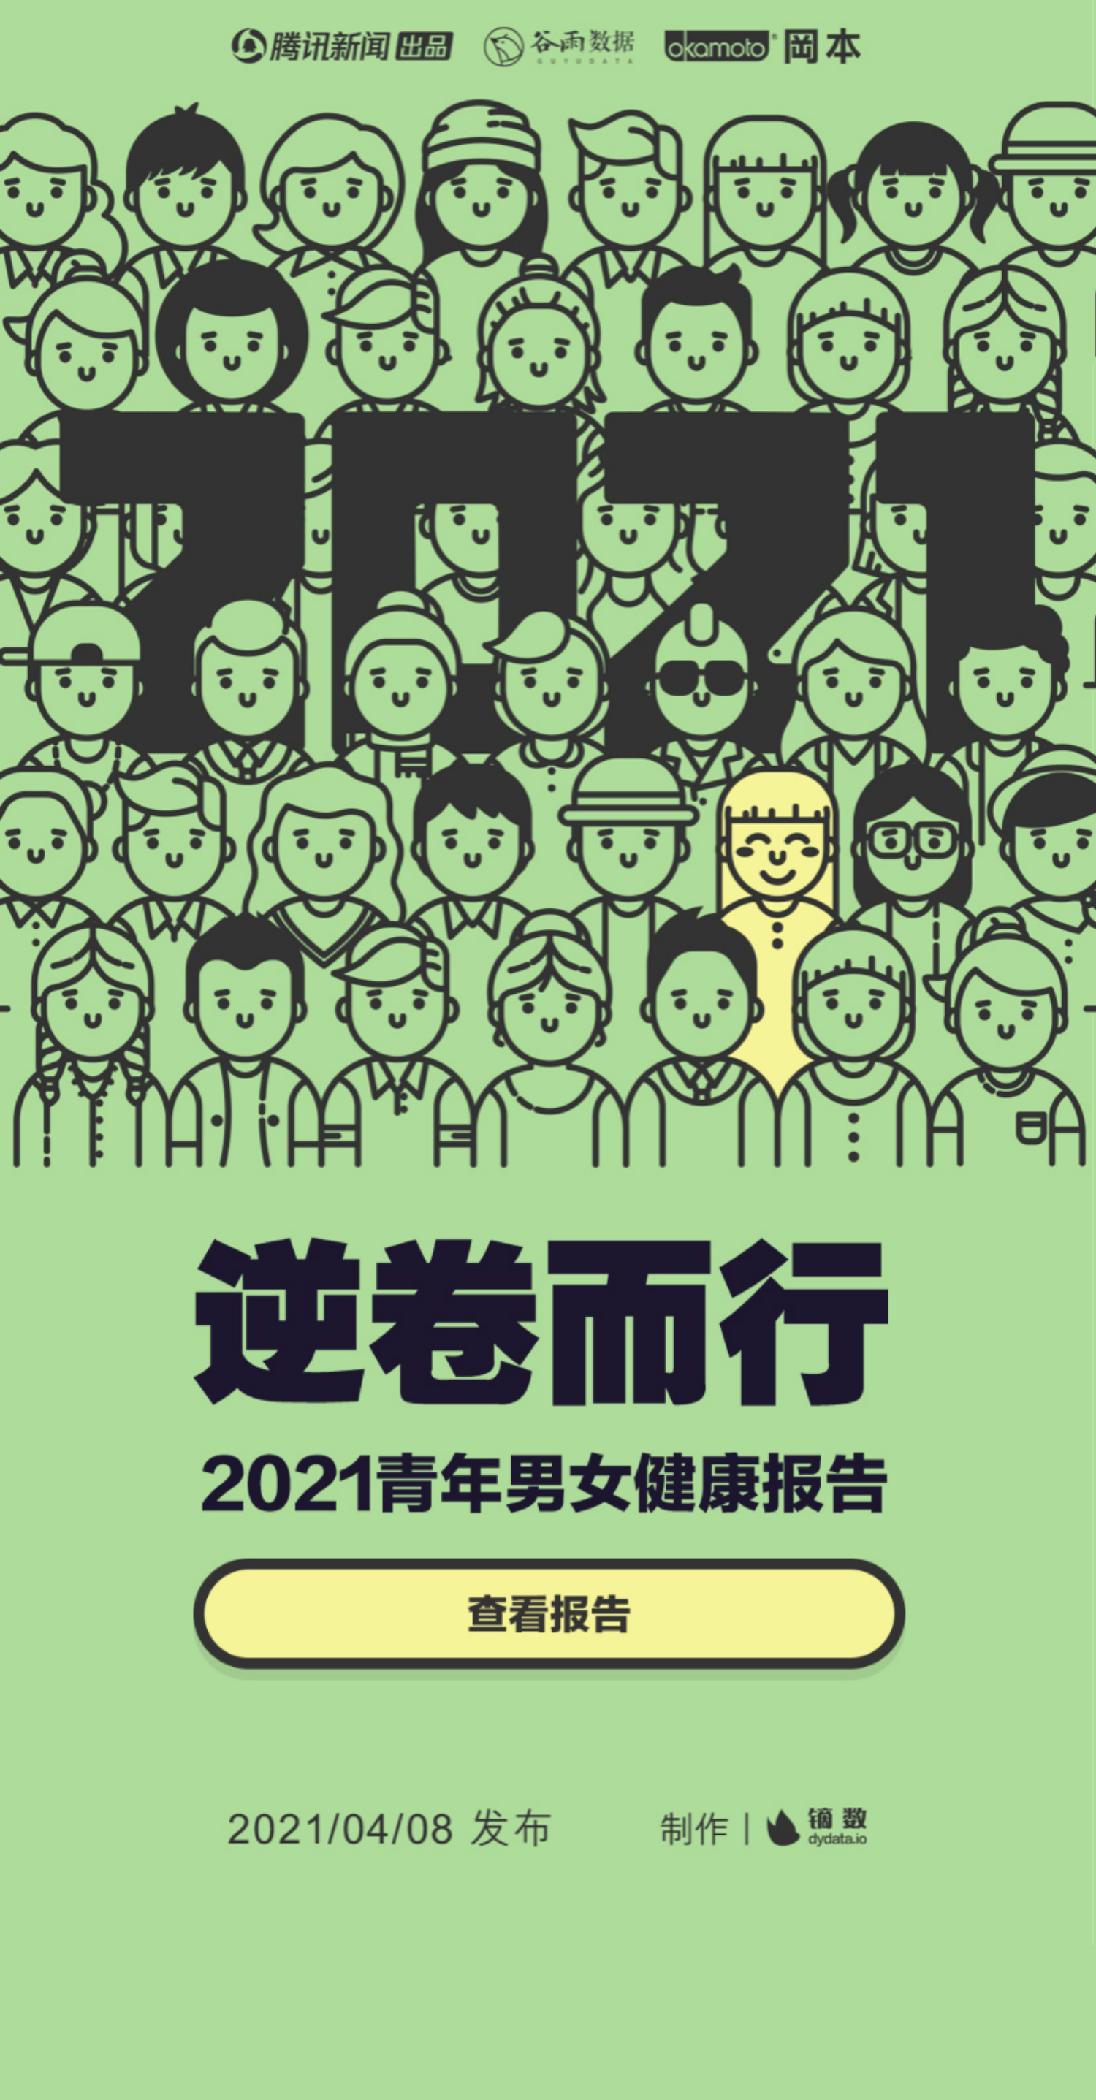 逆卷而行—2021青年男女健康报告